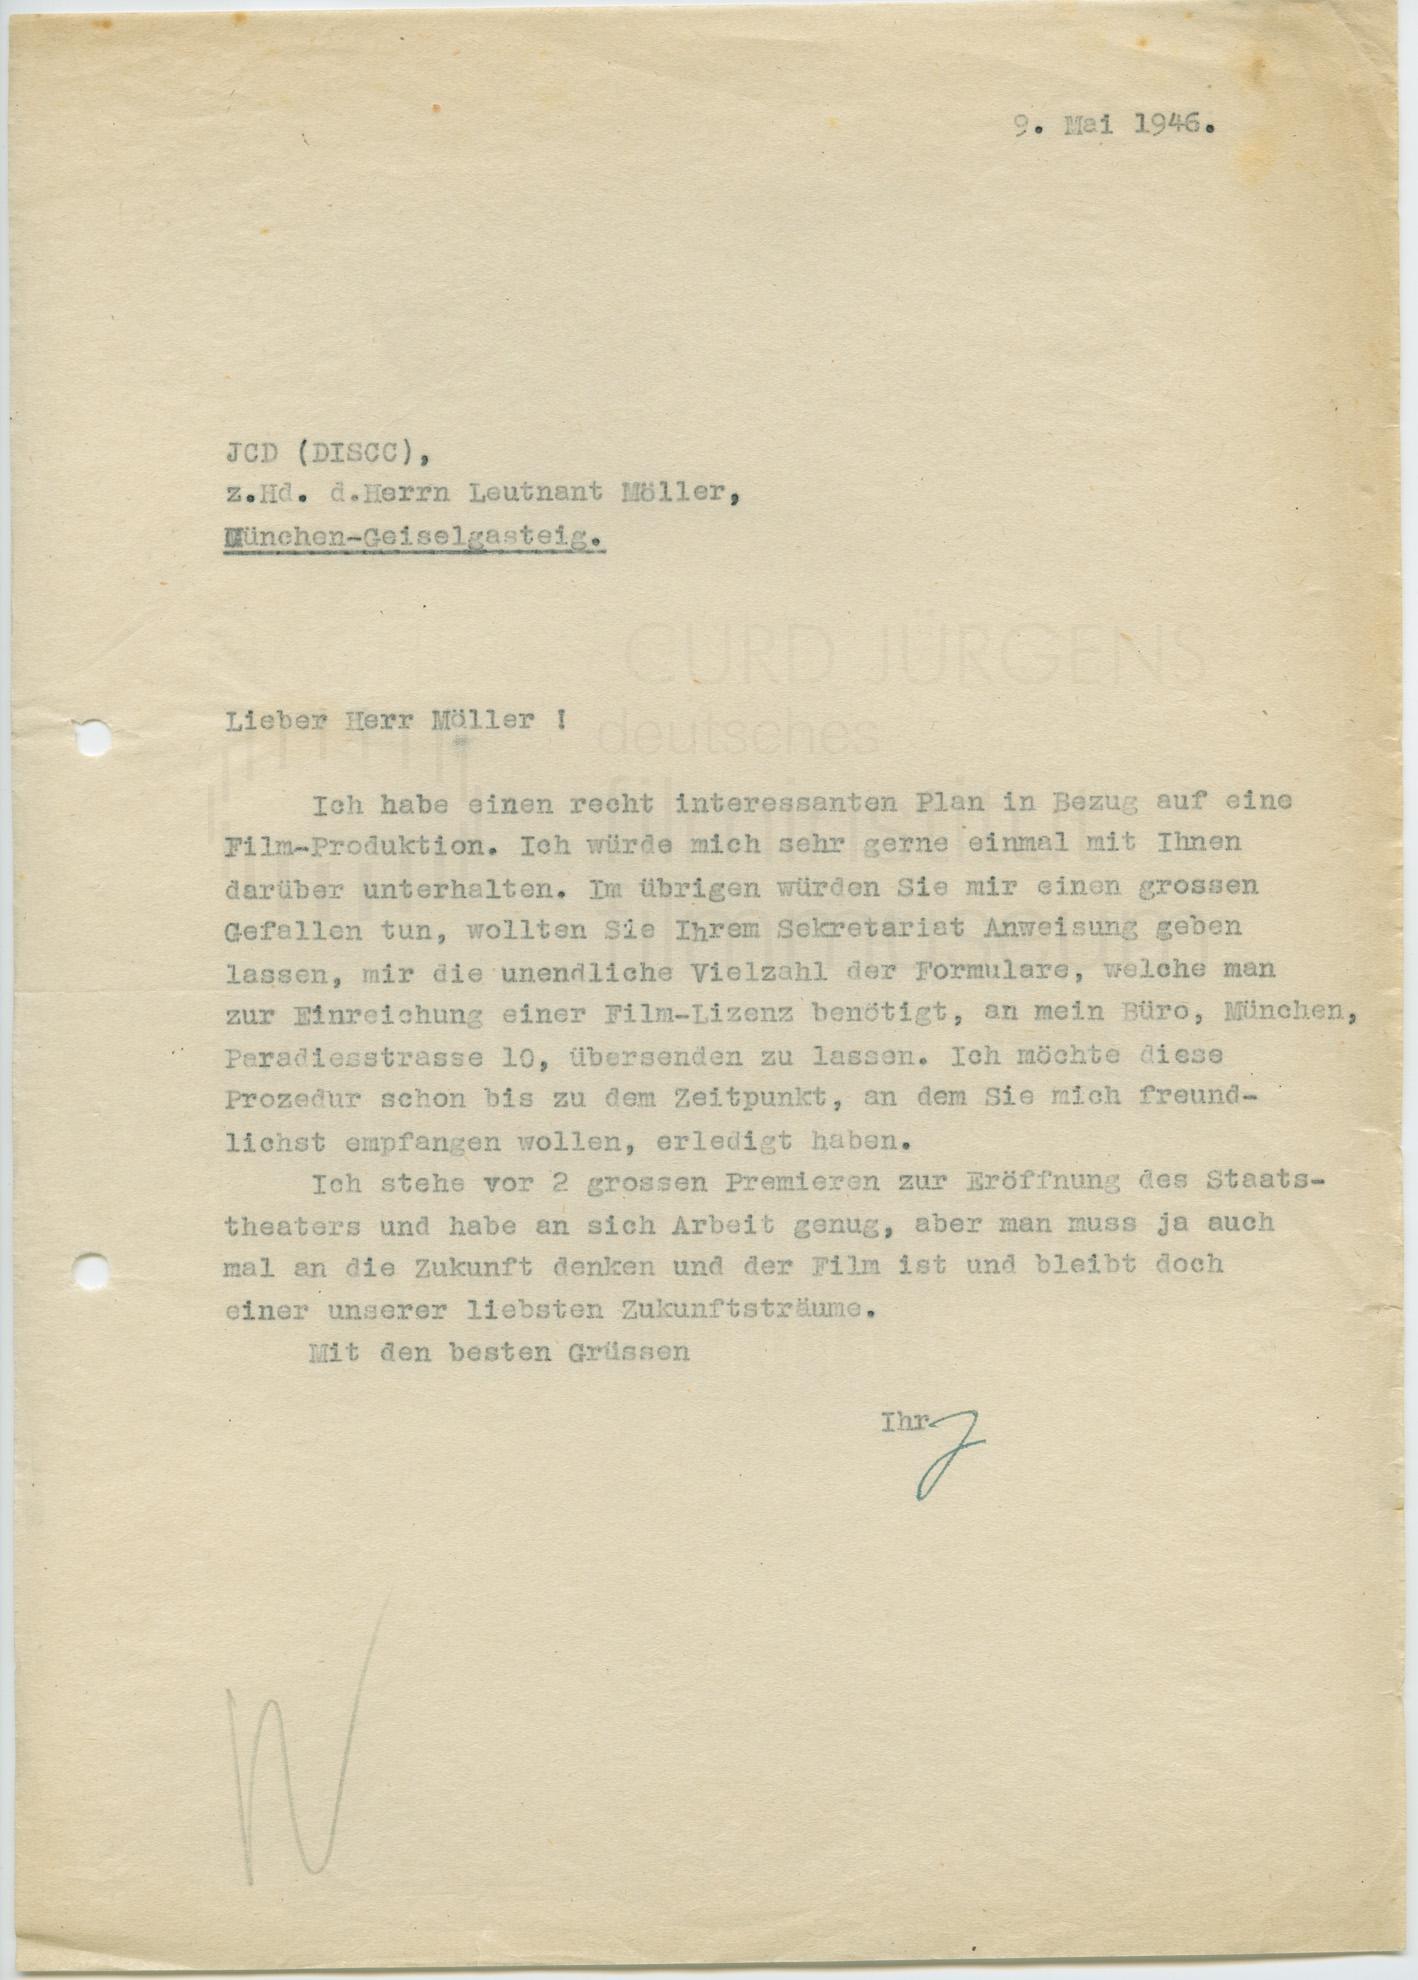 Curd Jürgens an Paul E. Moeller. [München], 9.5.1946